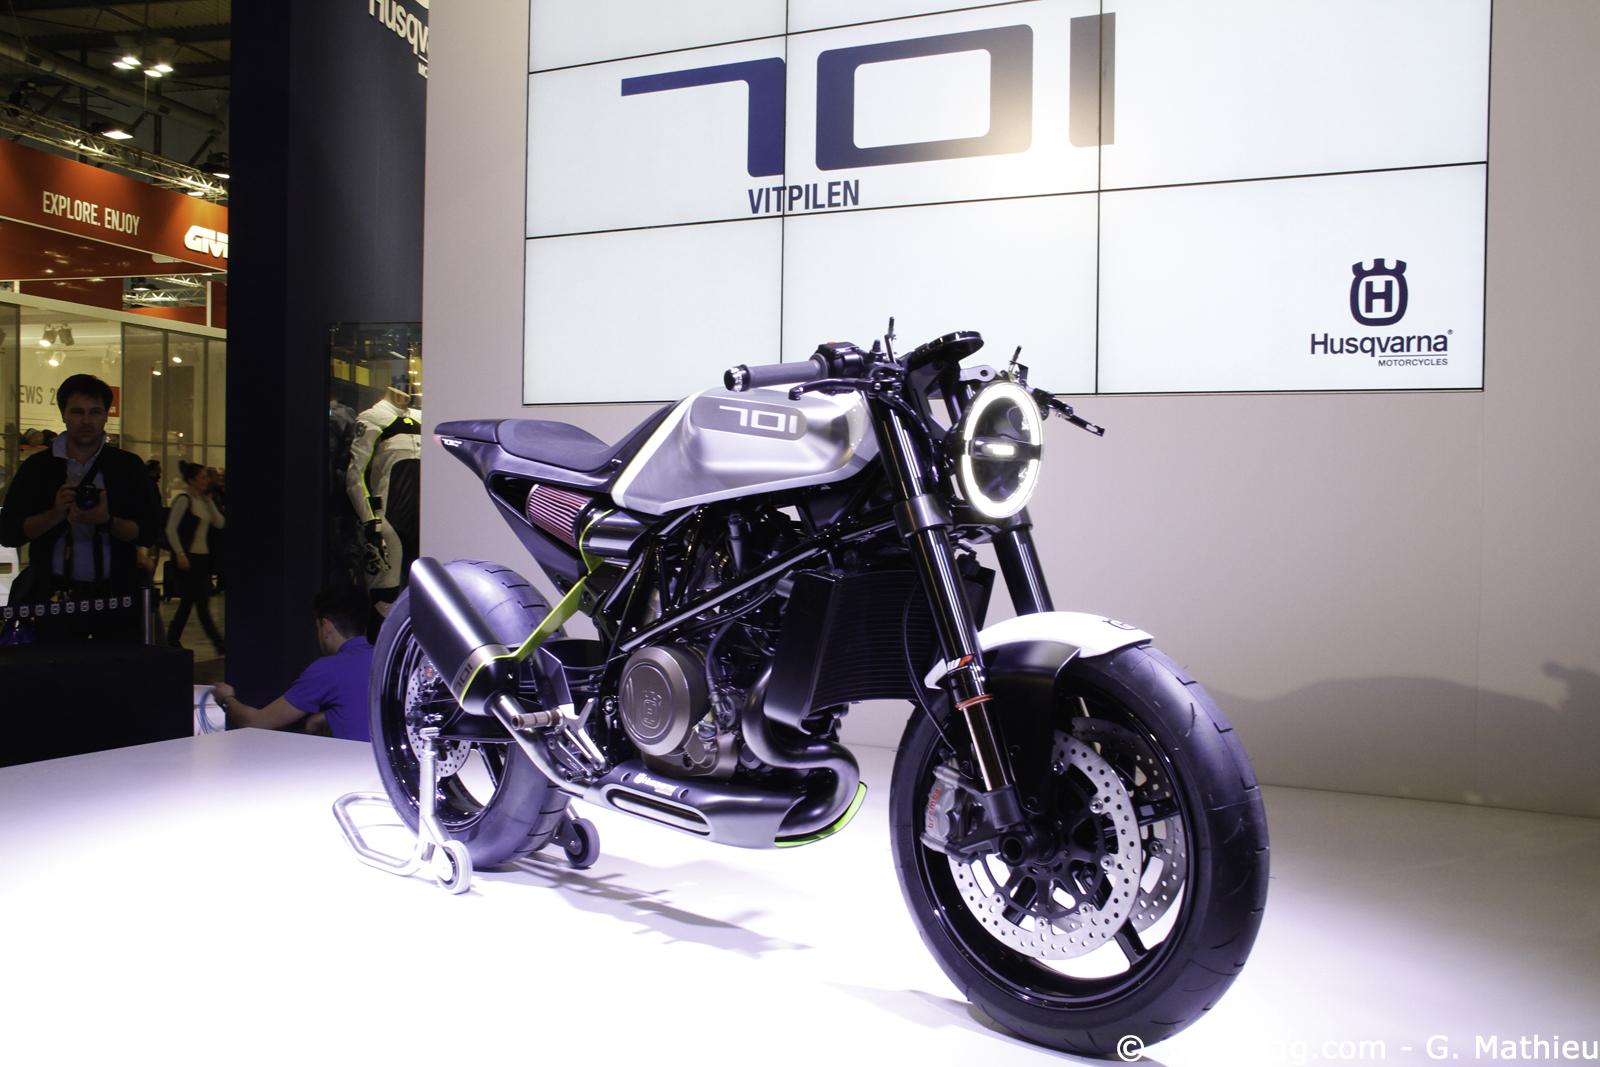 nouveaut s moto 2016 husqvarna vitpilen 701 moto magazine leader de l actualit de la moto. Black Bedroom Furniture Sets. Home Design Ideas